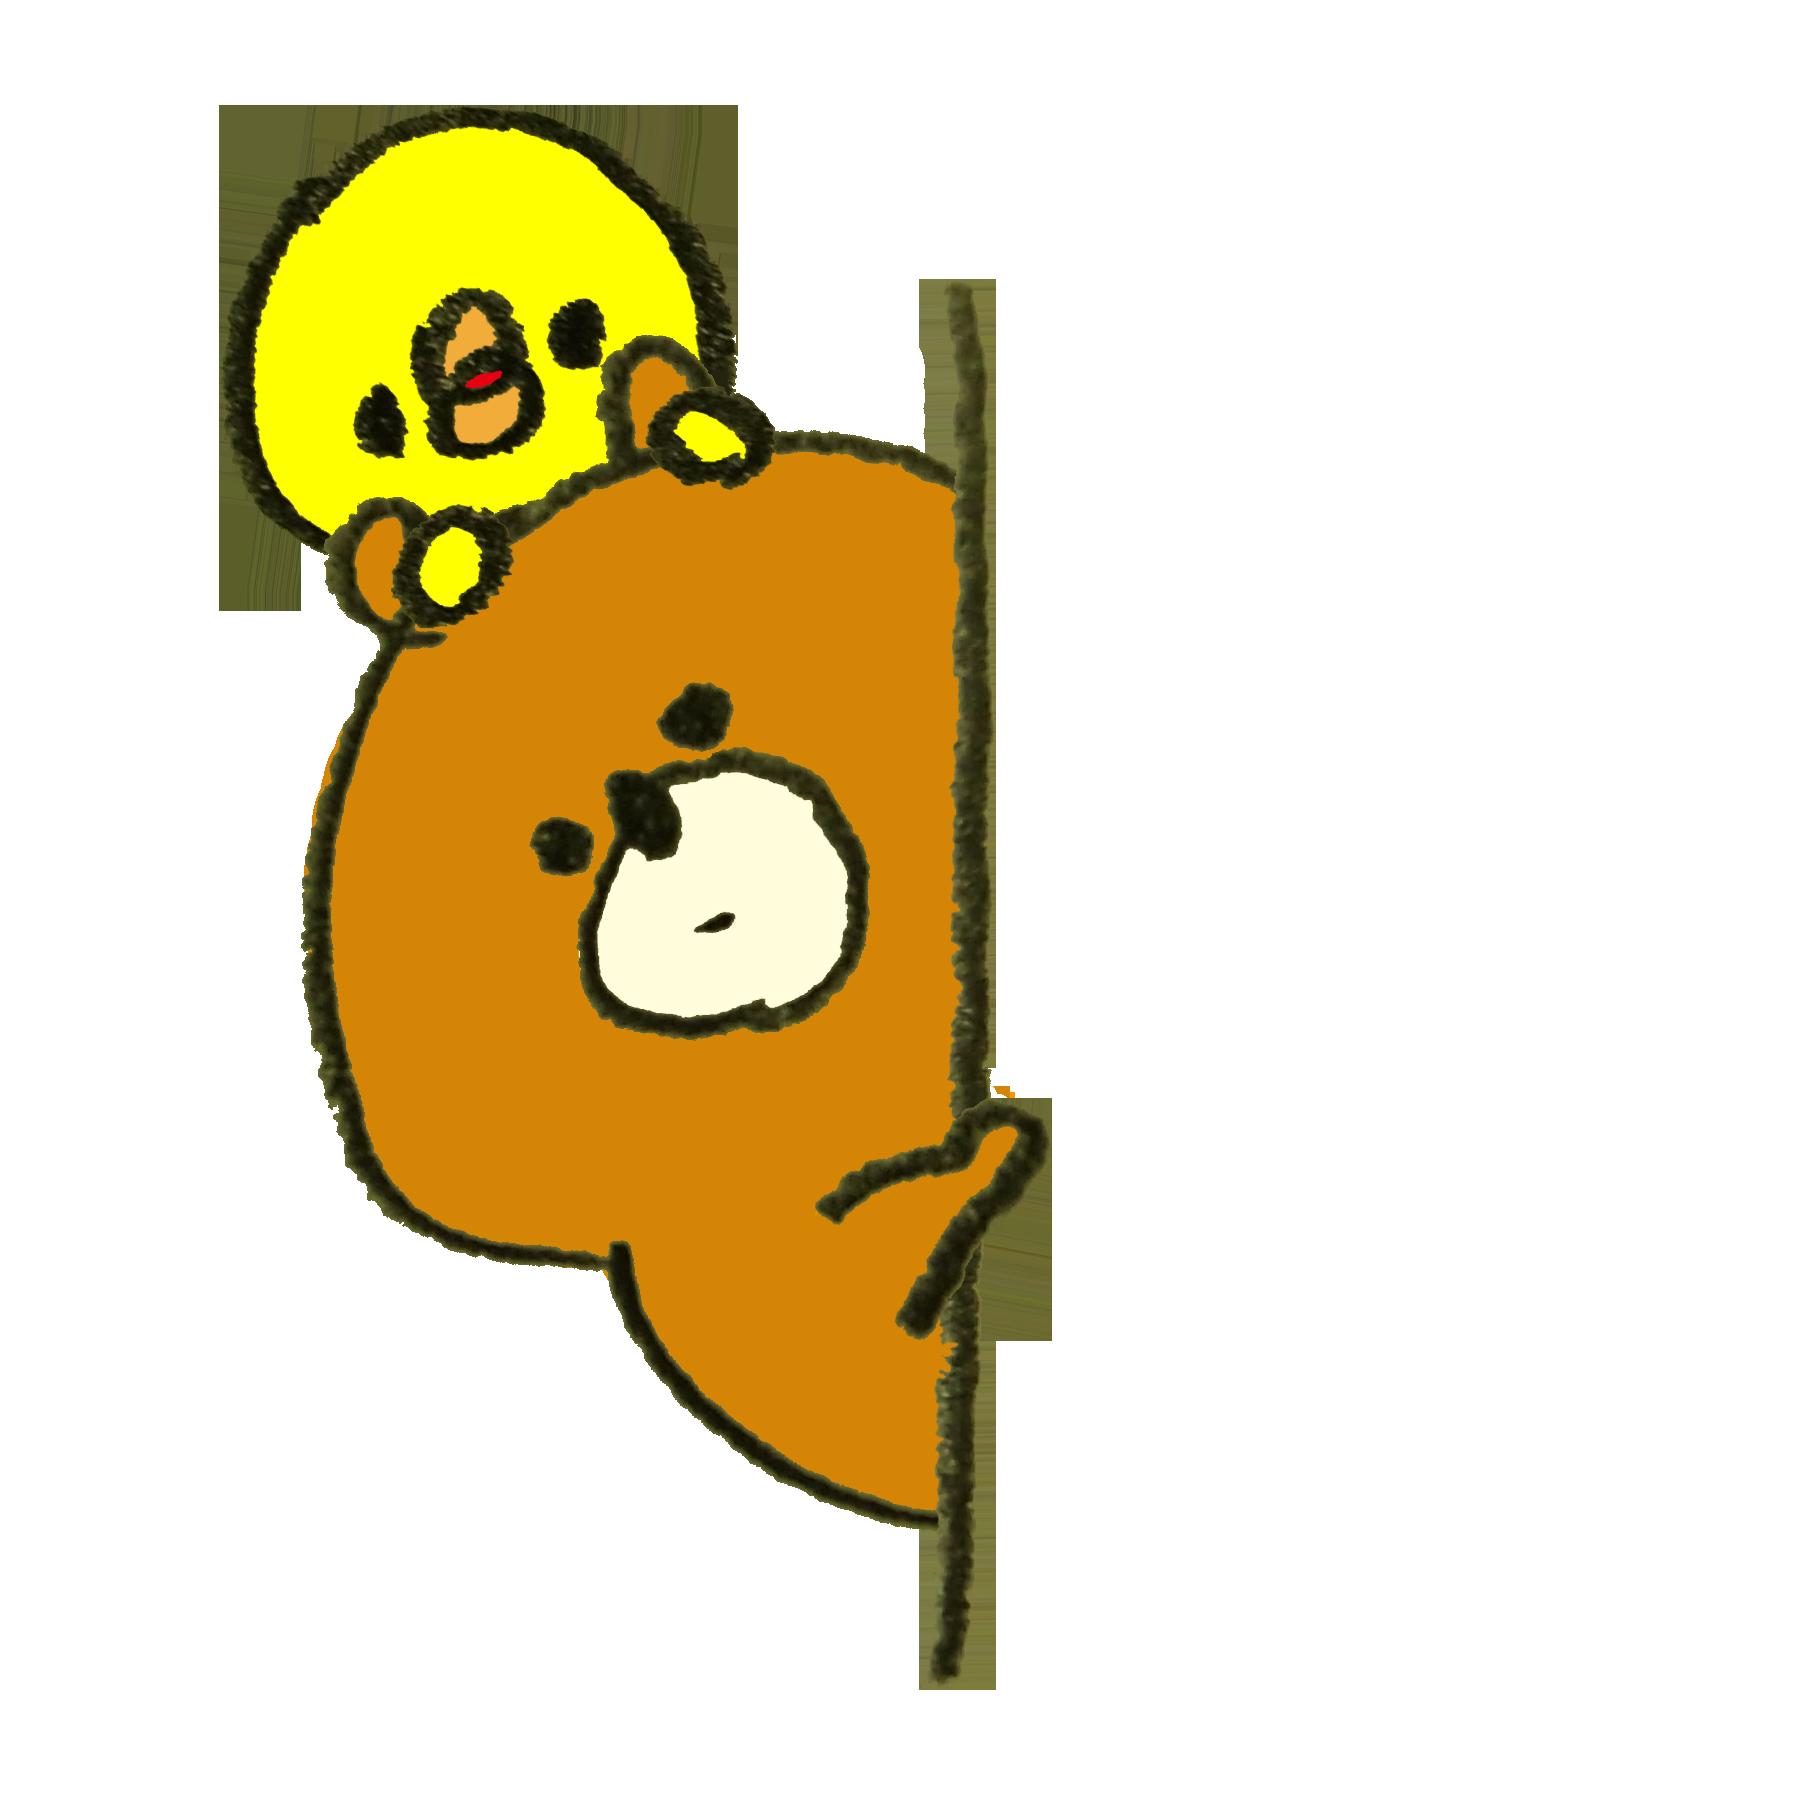 壁から心配そうに覗いている熊